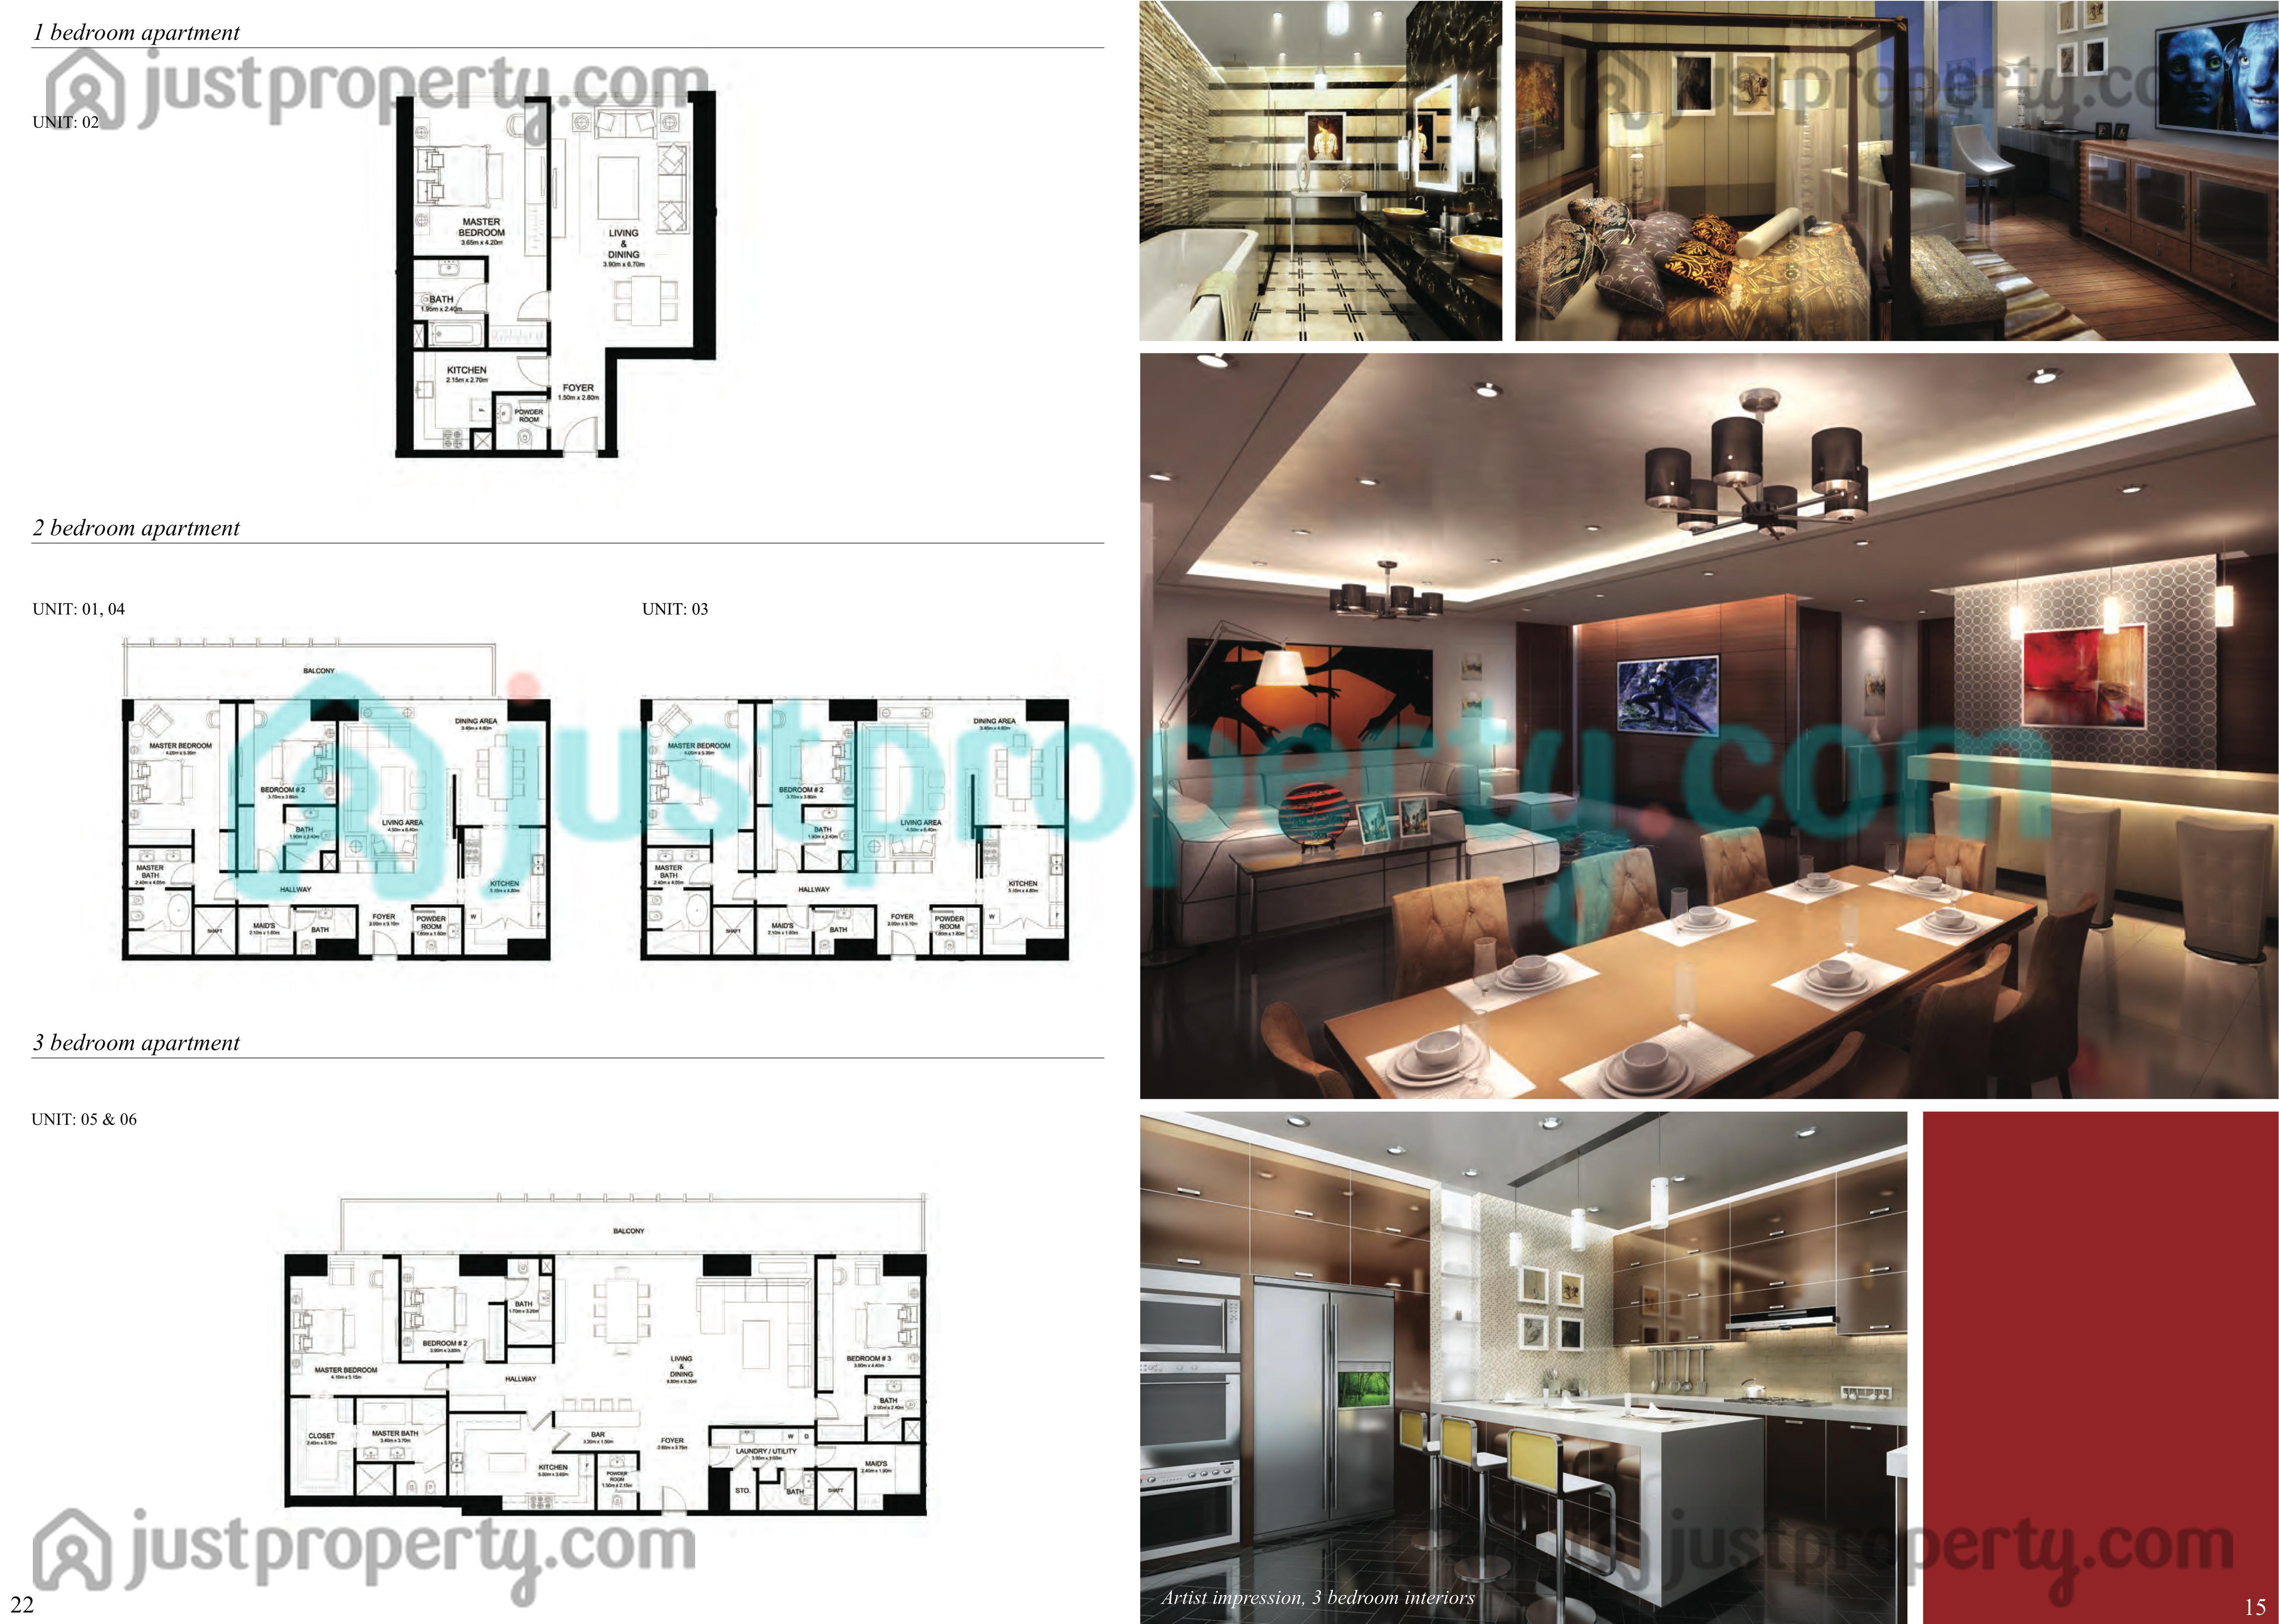 Burj Pacific Floor Plans | JustProperty.com